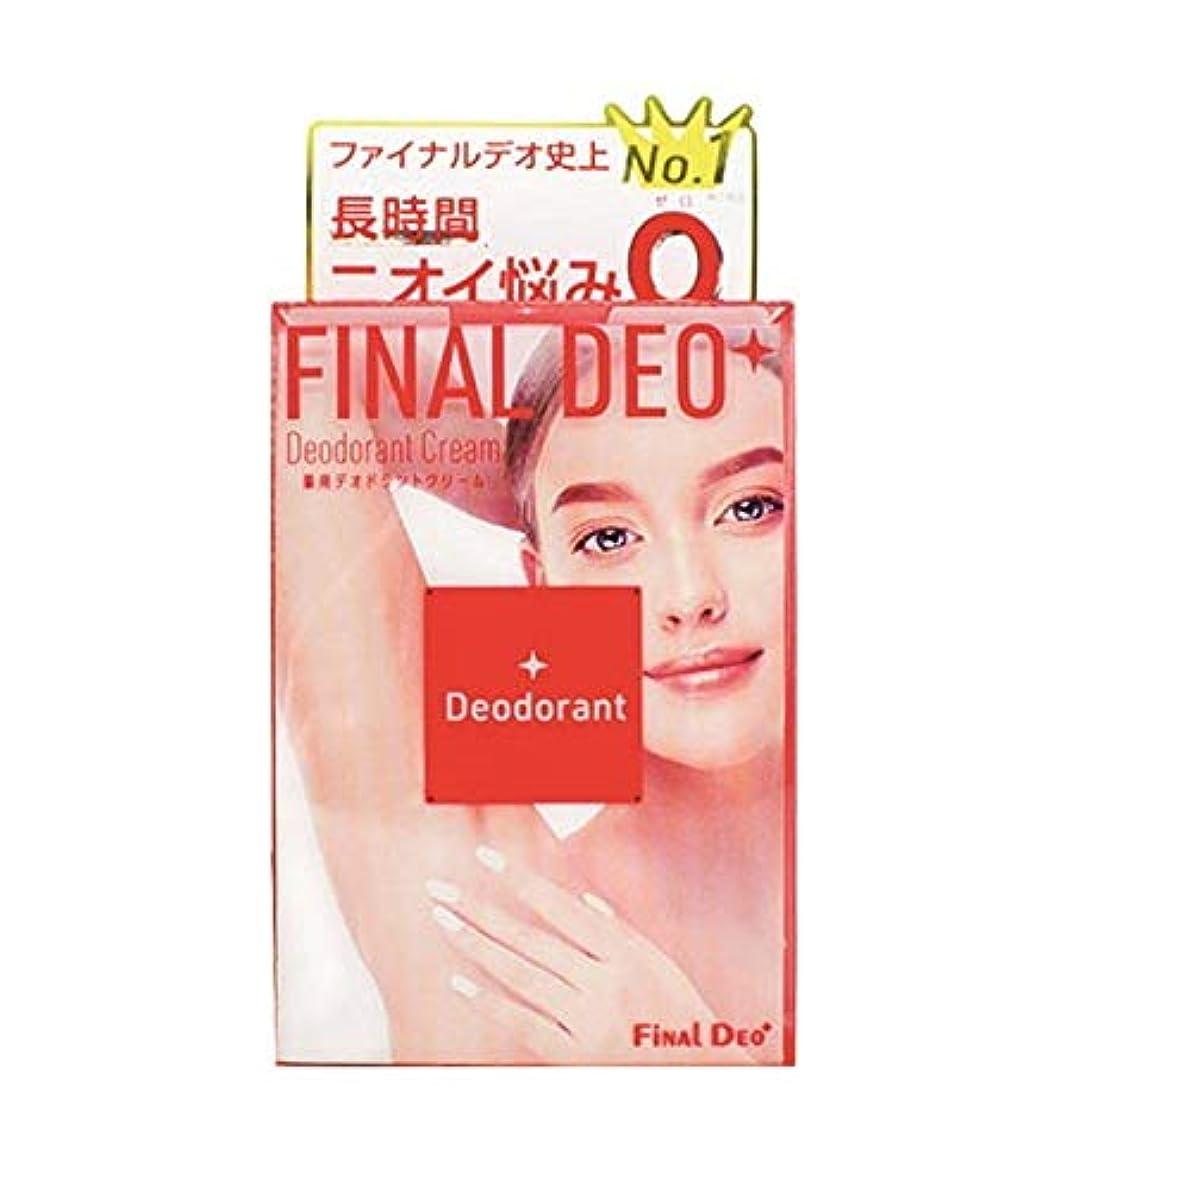 【医薬部外品】薬用デオドラントクリーム ファイナルデオプラス 10g